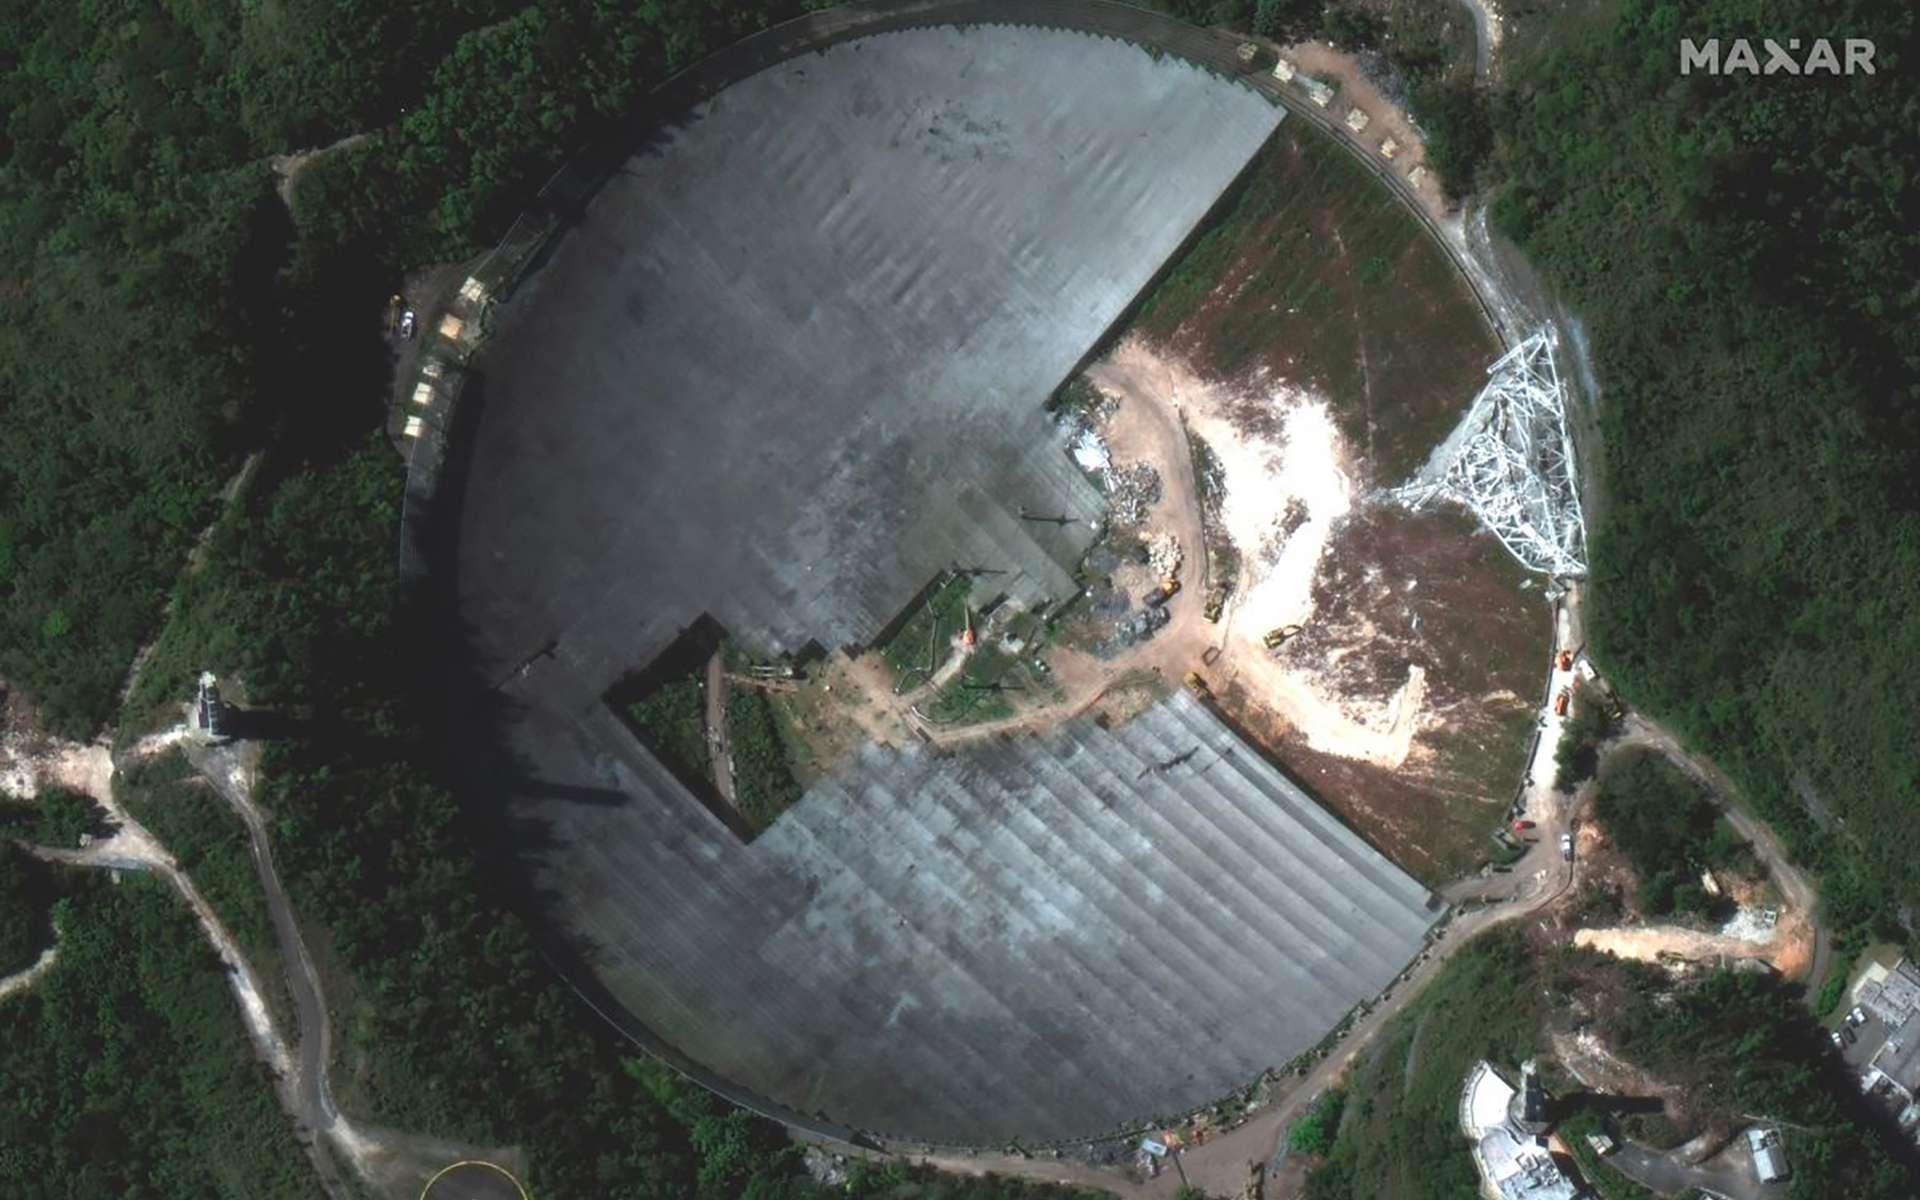 Le démontage de l'observatoire Arecibo vu depuis l'espace - Futura